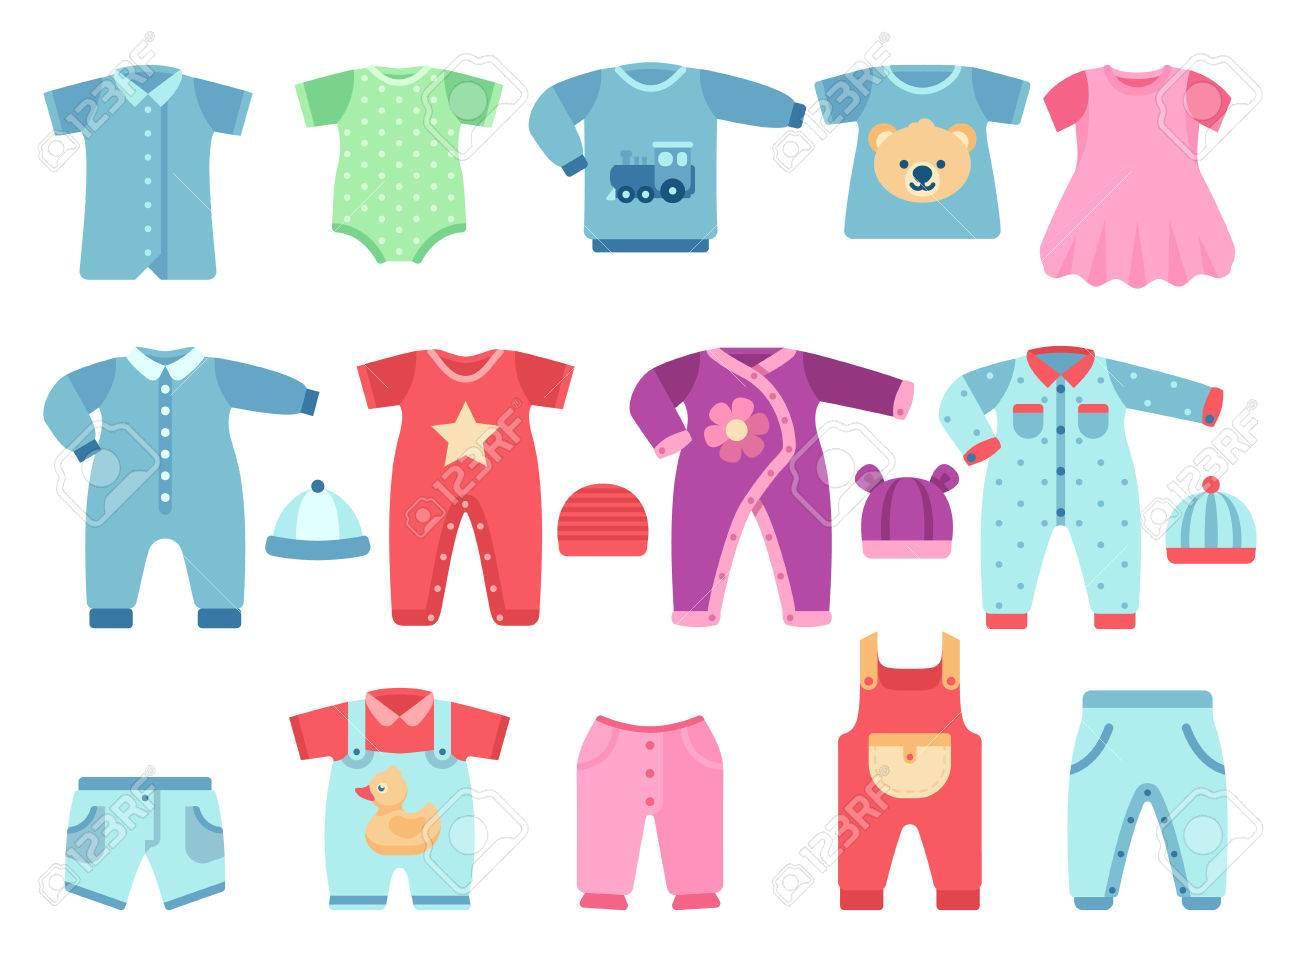 a5883e1fe Foto de archivo - Niño y niña bebé prendas de vestir. Ropa de vector  infantil. Ropa niño vestido de bebé y traje ilustración